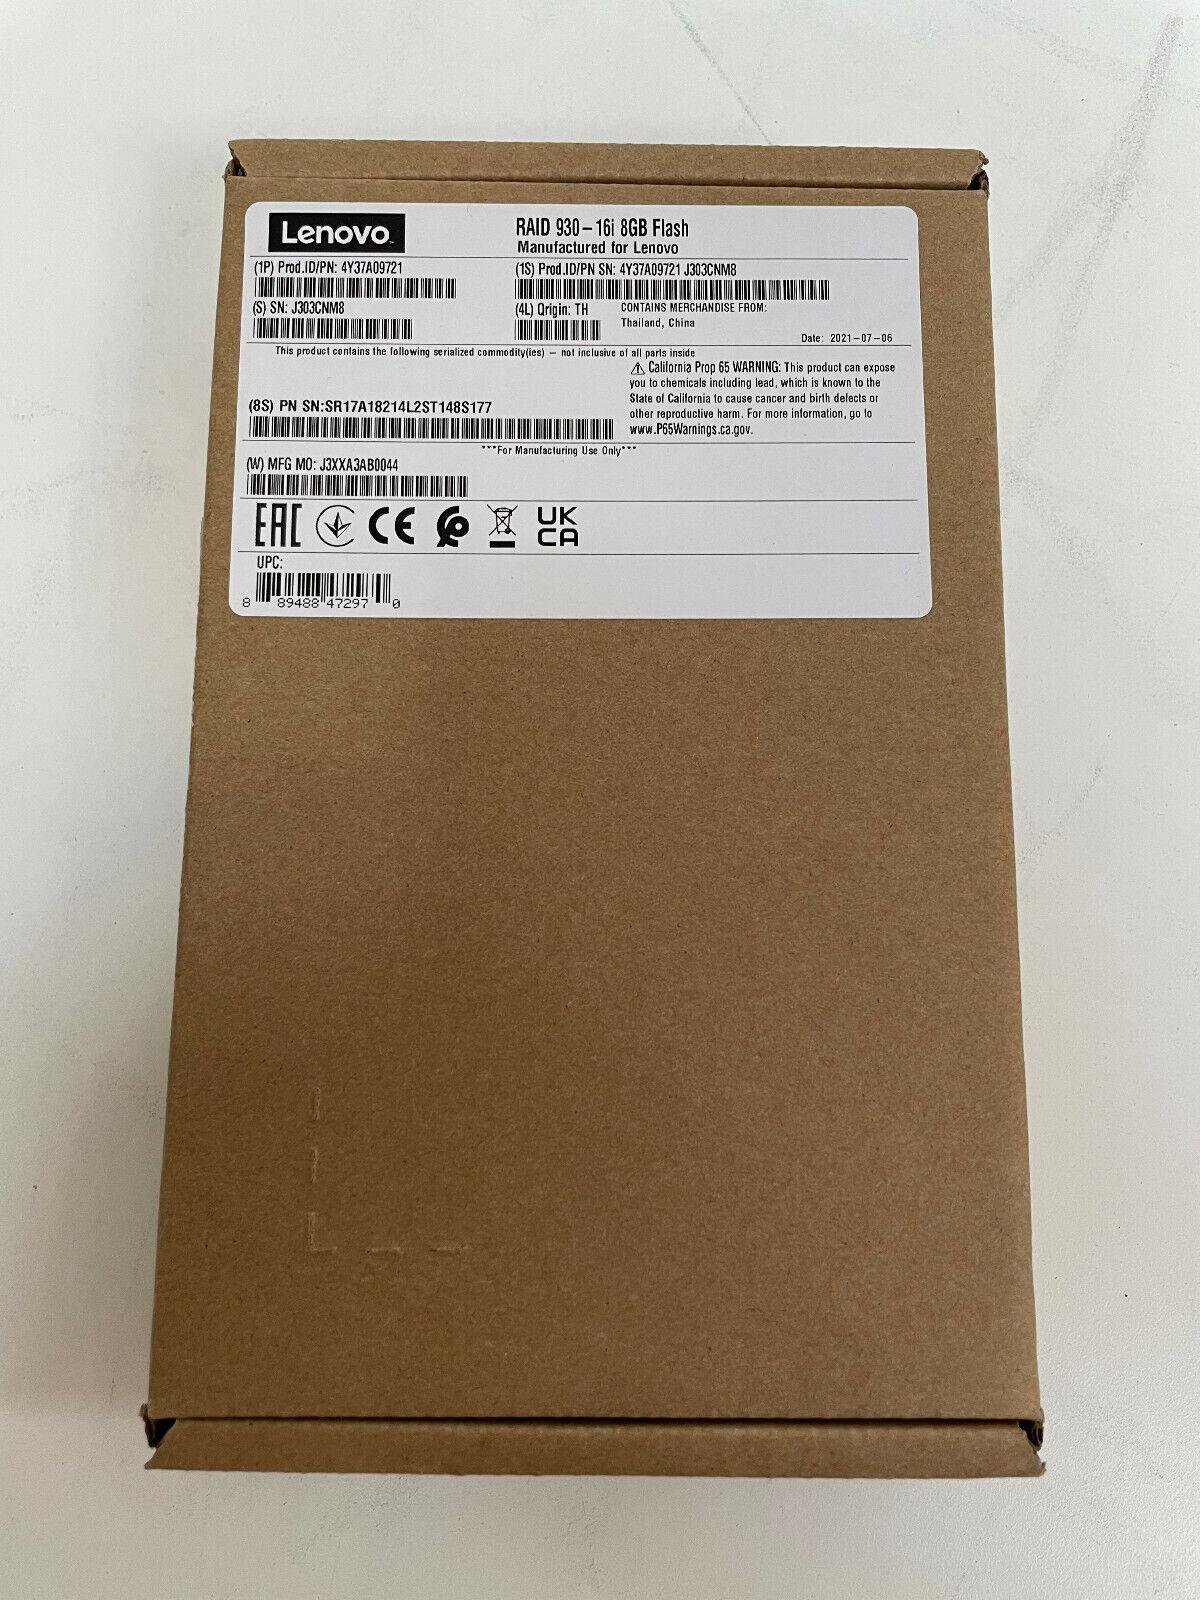 4Y37A09721, ThinkSystem RAID 930-16i 8GB Flash PCIe 12Gb Adapter